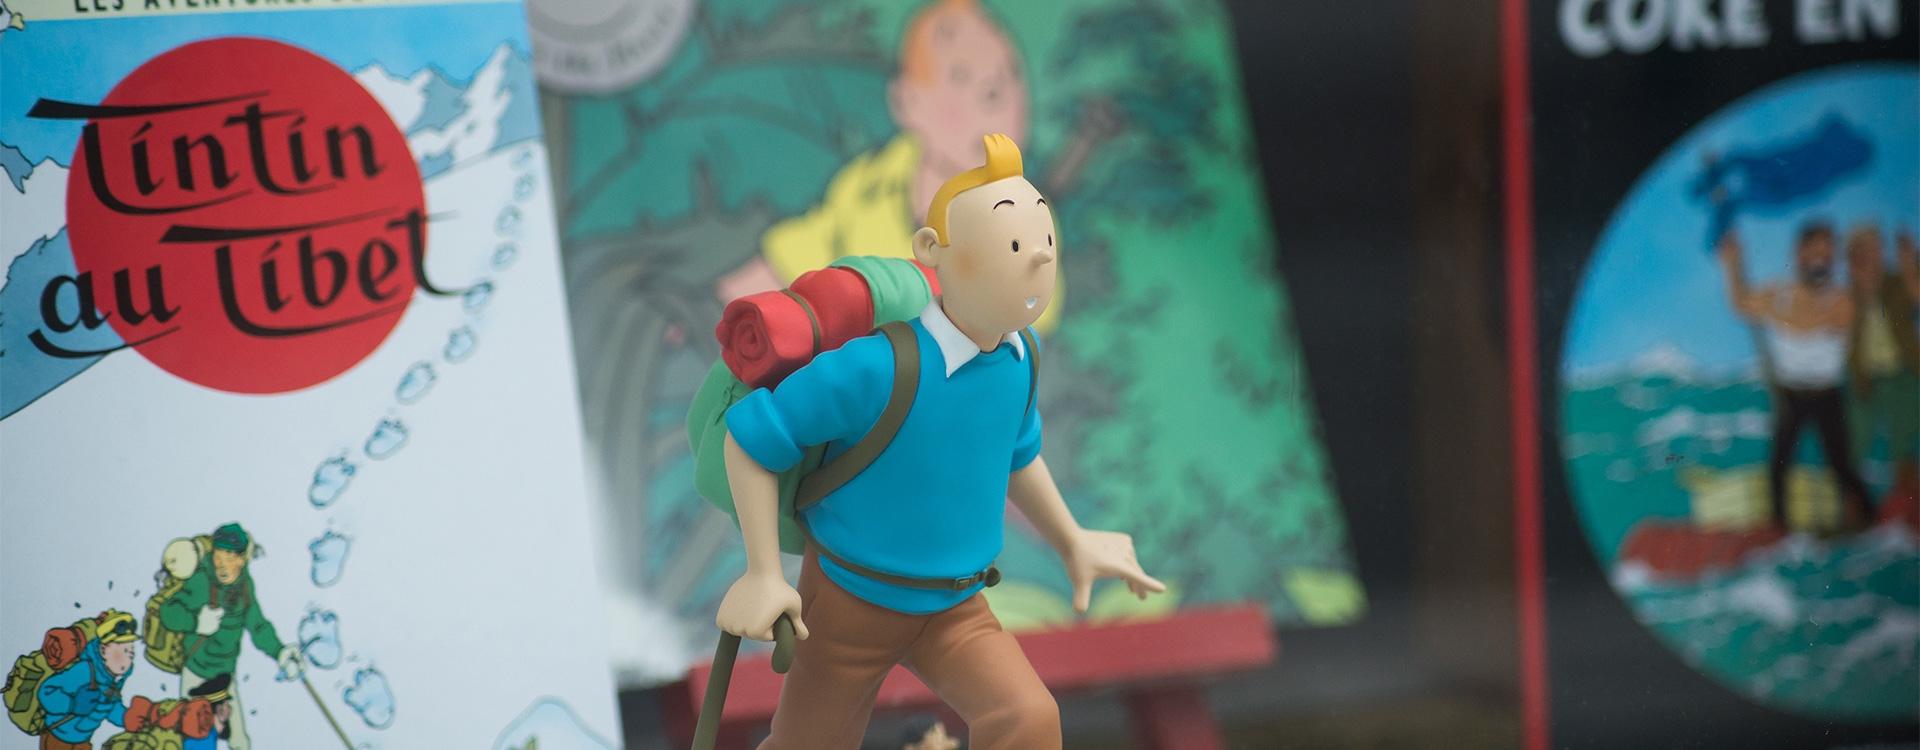 Une journée mondiale pour Tintin ? / B1-B2